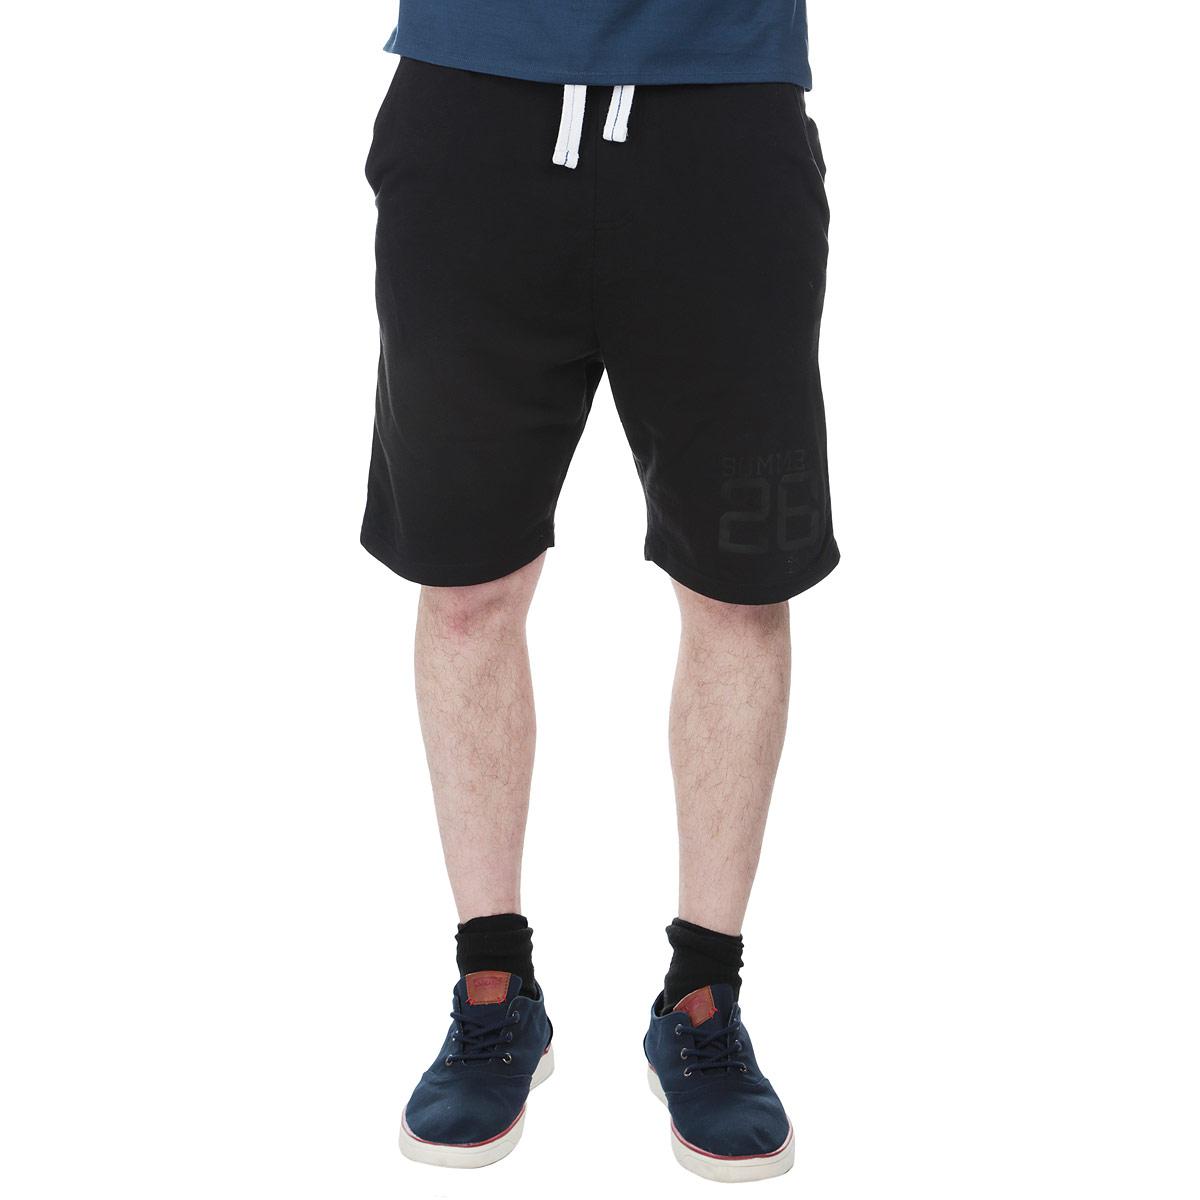 TSZ0156CAСтильные трикотажные мужские шорты Troll, выполненные из высококачественного материала, обладают высокой теплопроводностью, воздухопроницаемостью и гигроскопичностью, позволяют коже дышать, очень комфортны при носке. Модель прямого кроя на широком эластичном поясе с кулиской. Шорты дополнены двумя втачными карманами спереди и накладным карманом - сзади. Изделие оформлено принтовой надписью Summer 28. Такая модель будет дарить вам комфорт и послужит замечательным дополнением к вашему гардеробу.